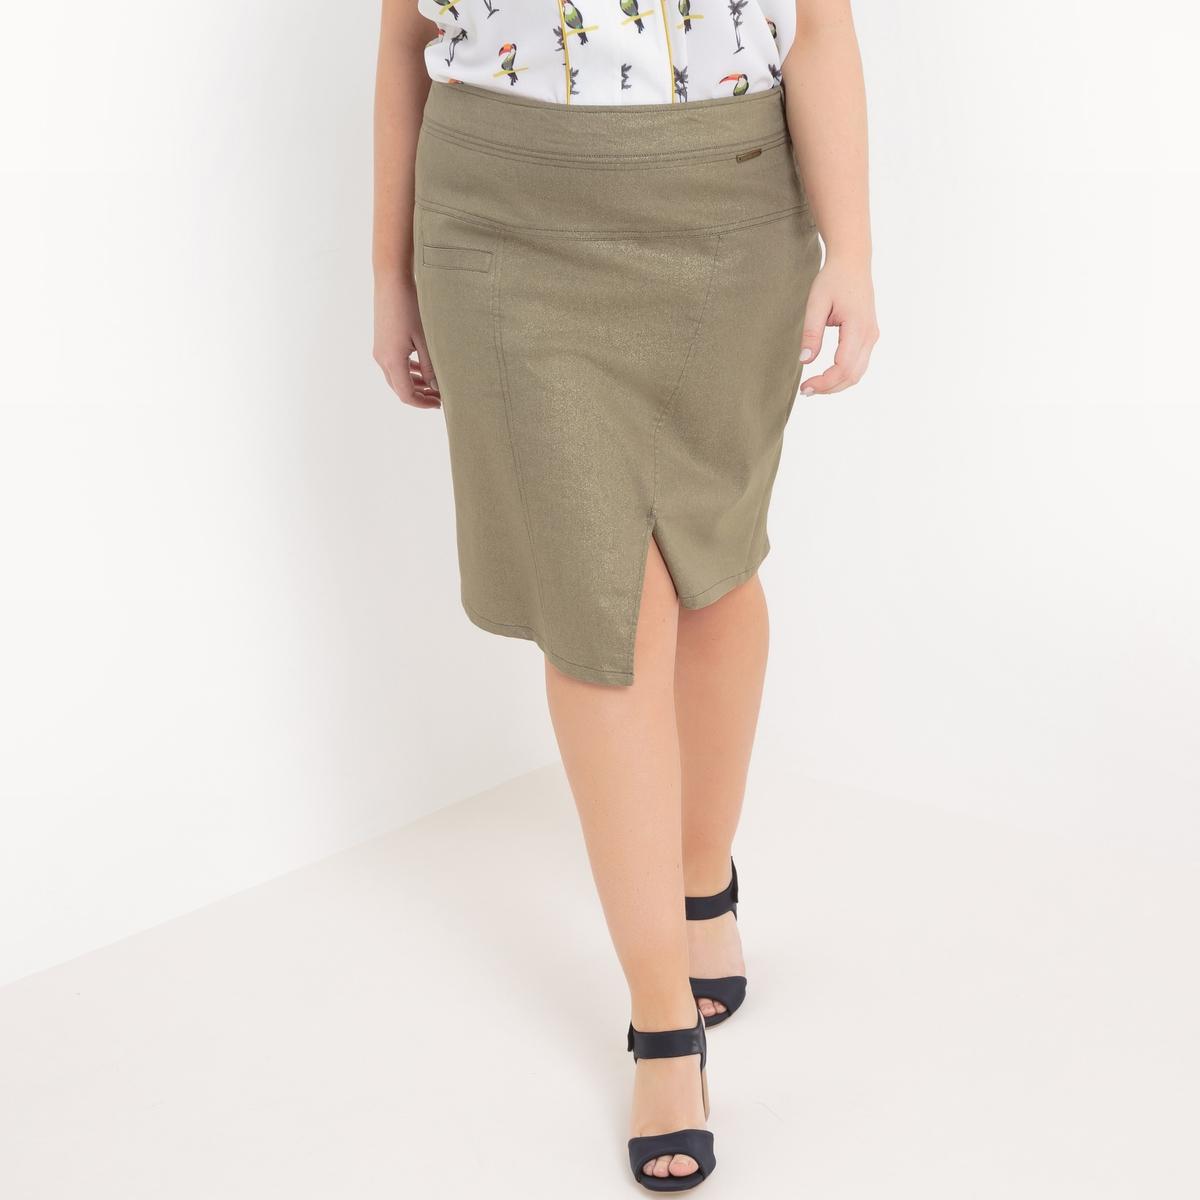 ЮбкаКороткая юбка Mellem, длина до колен, из саржи стретч с радужным отливом. Женственная и комфортная. Карман спереди. Небольшой разрез спереди. 50% хлопка, 45% полиэстера, 5% эластана<br><br>Цвет: хаки<br>Размер: 46 (FR) - 52 (RUS)